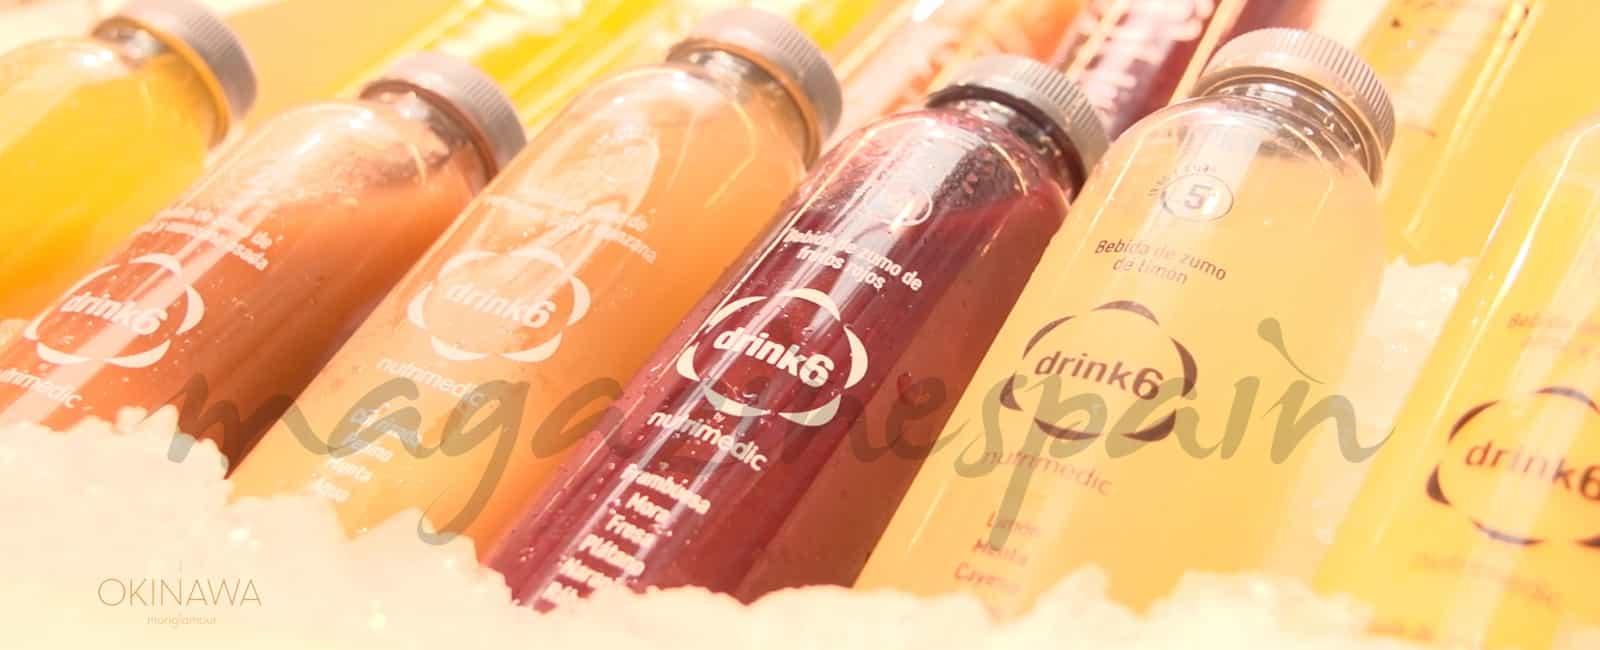 Después del verano… Fran Larrañaga nos pone a punto con drink6